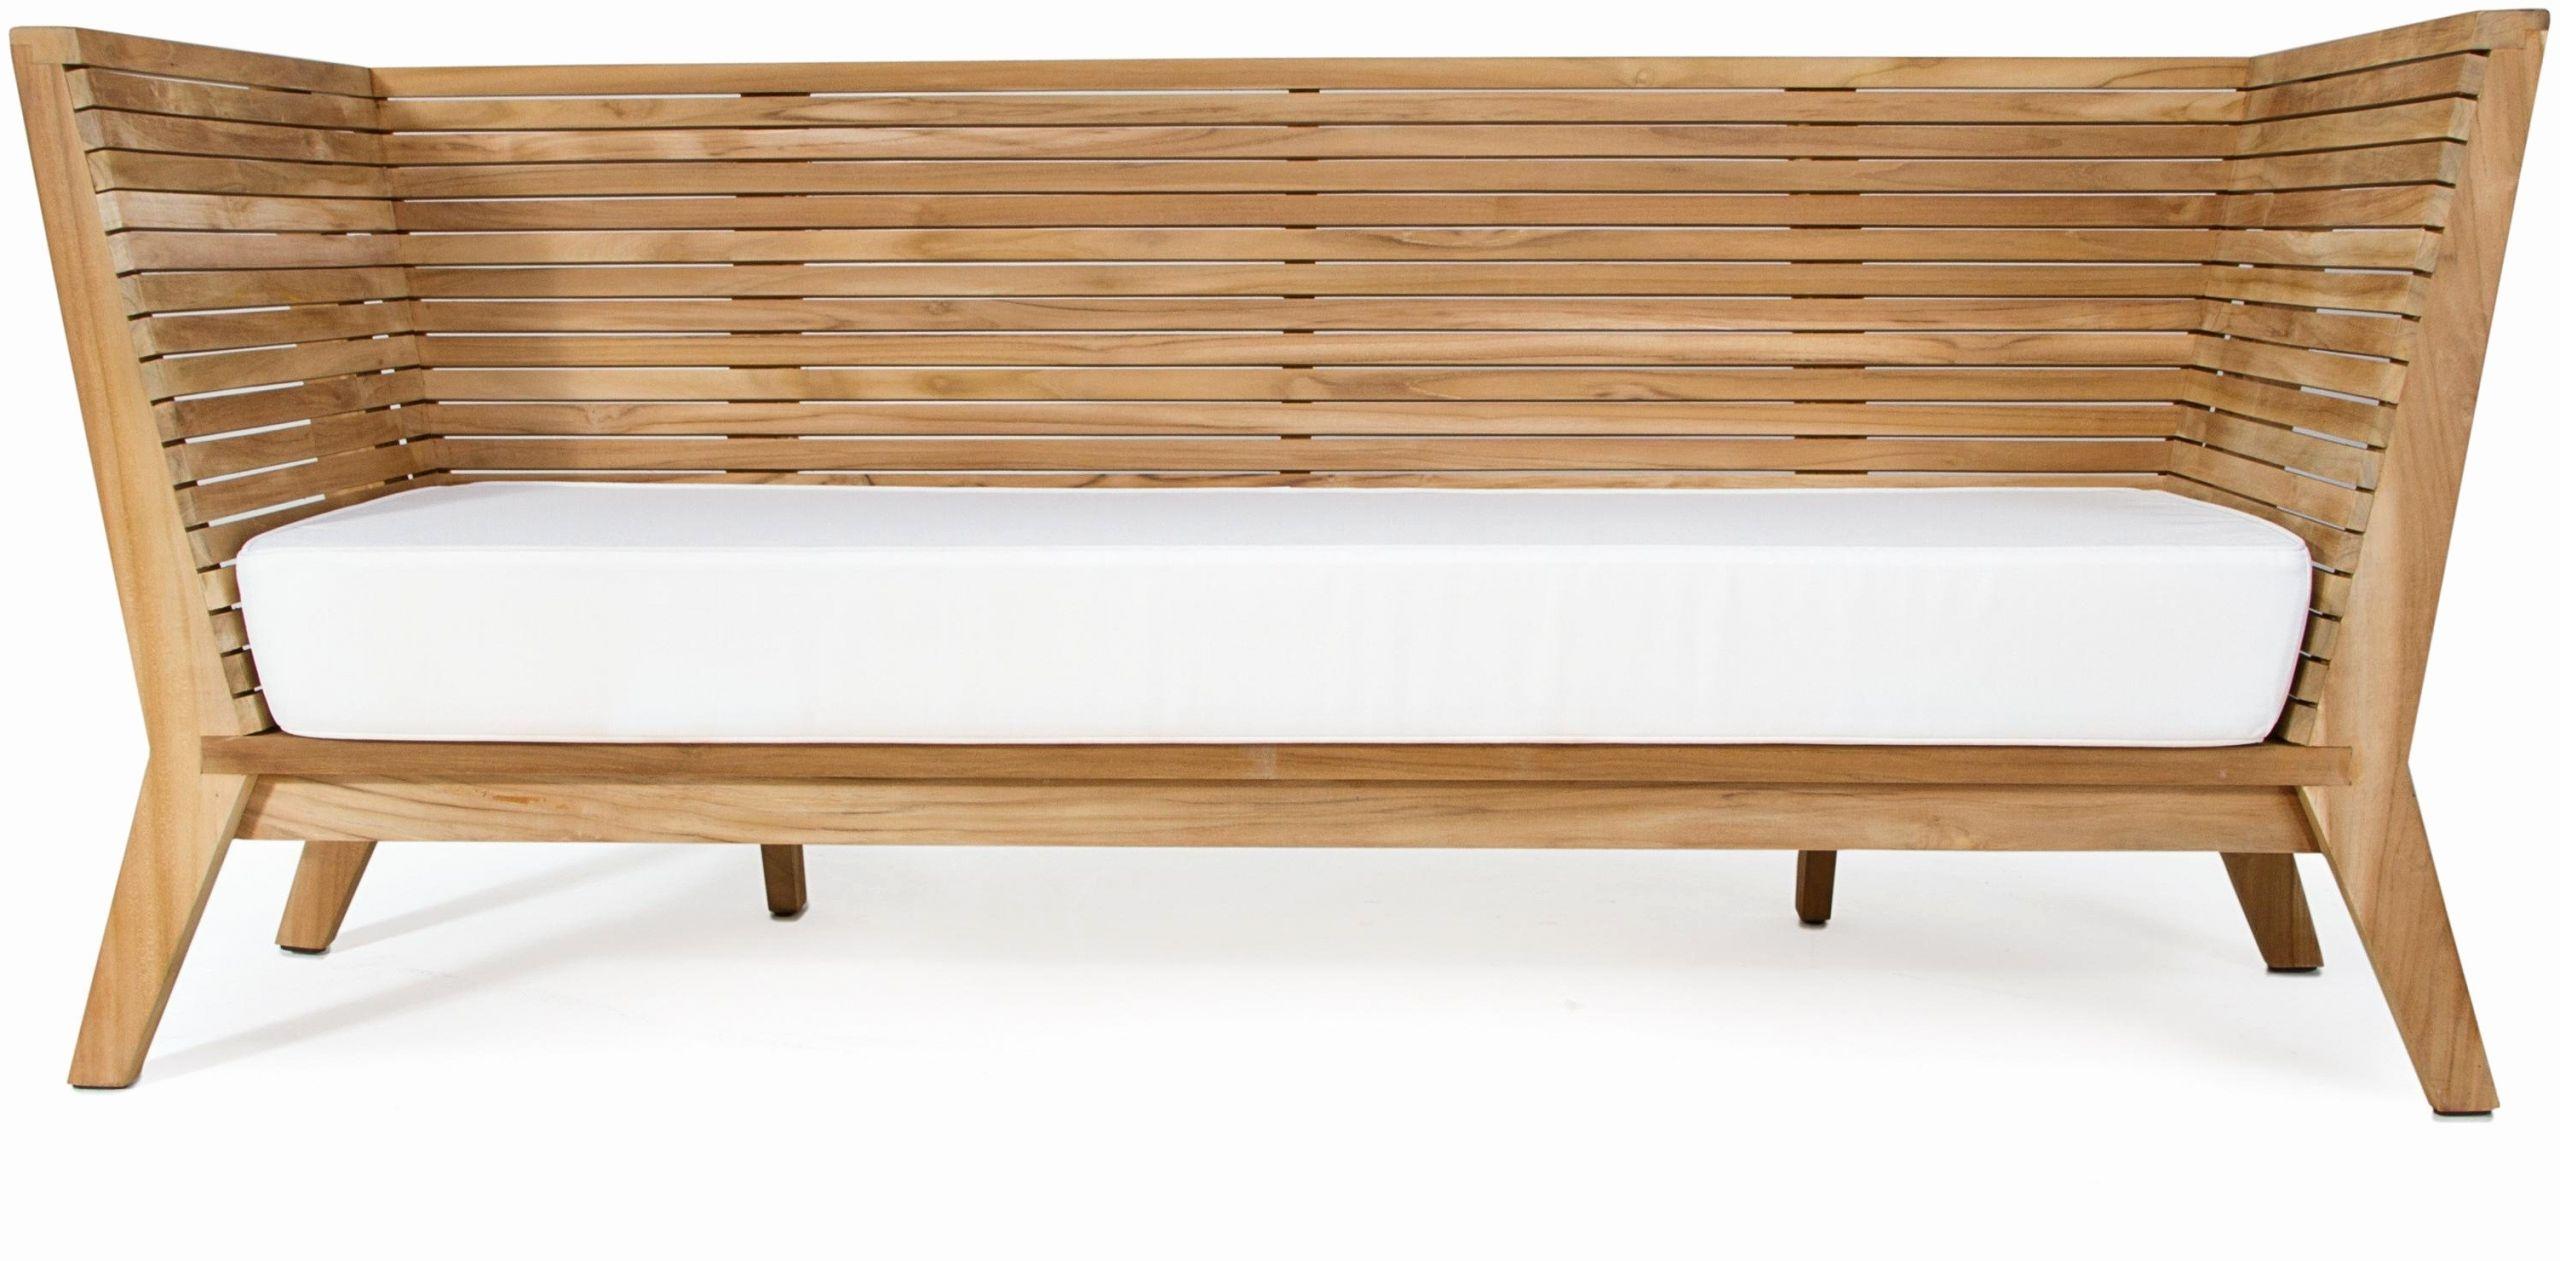 banc de jardin avec coffre meilleur a banc de jardin avec coffre elegant bois exterieur of